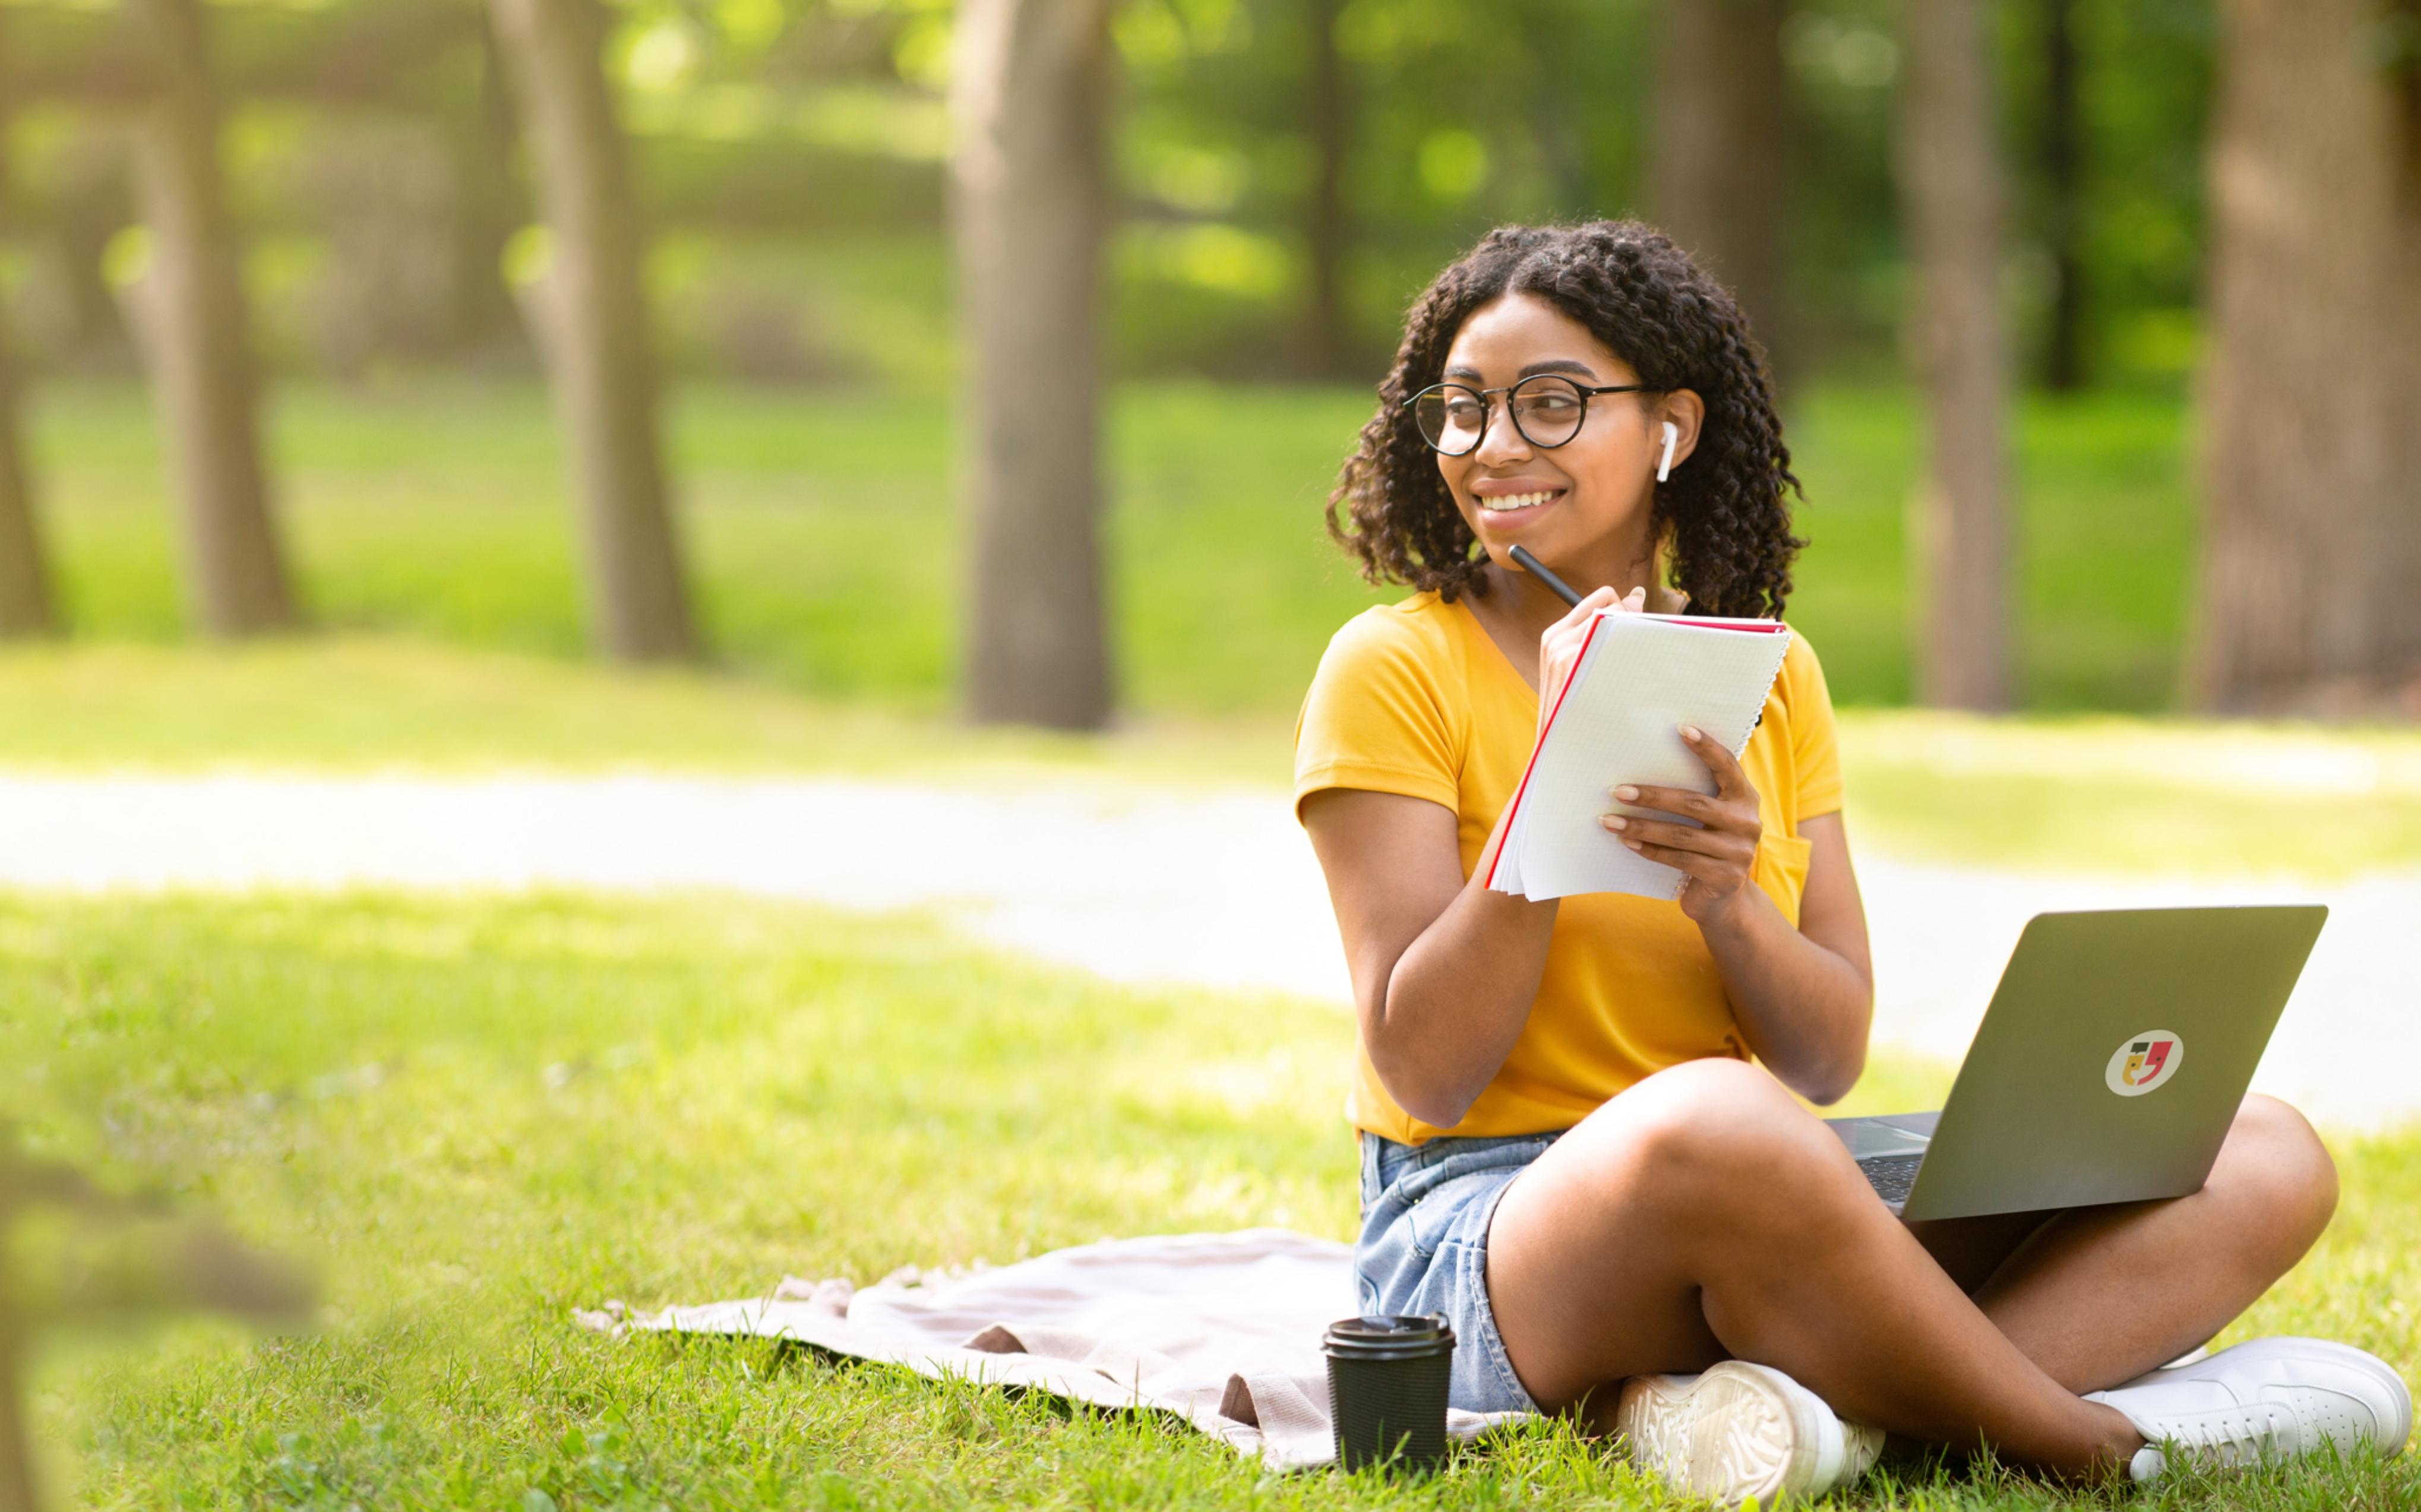 Uma jovem estudando com seu computador no parque